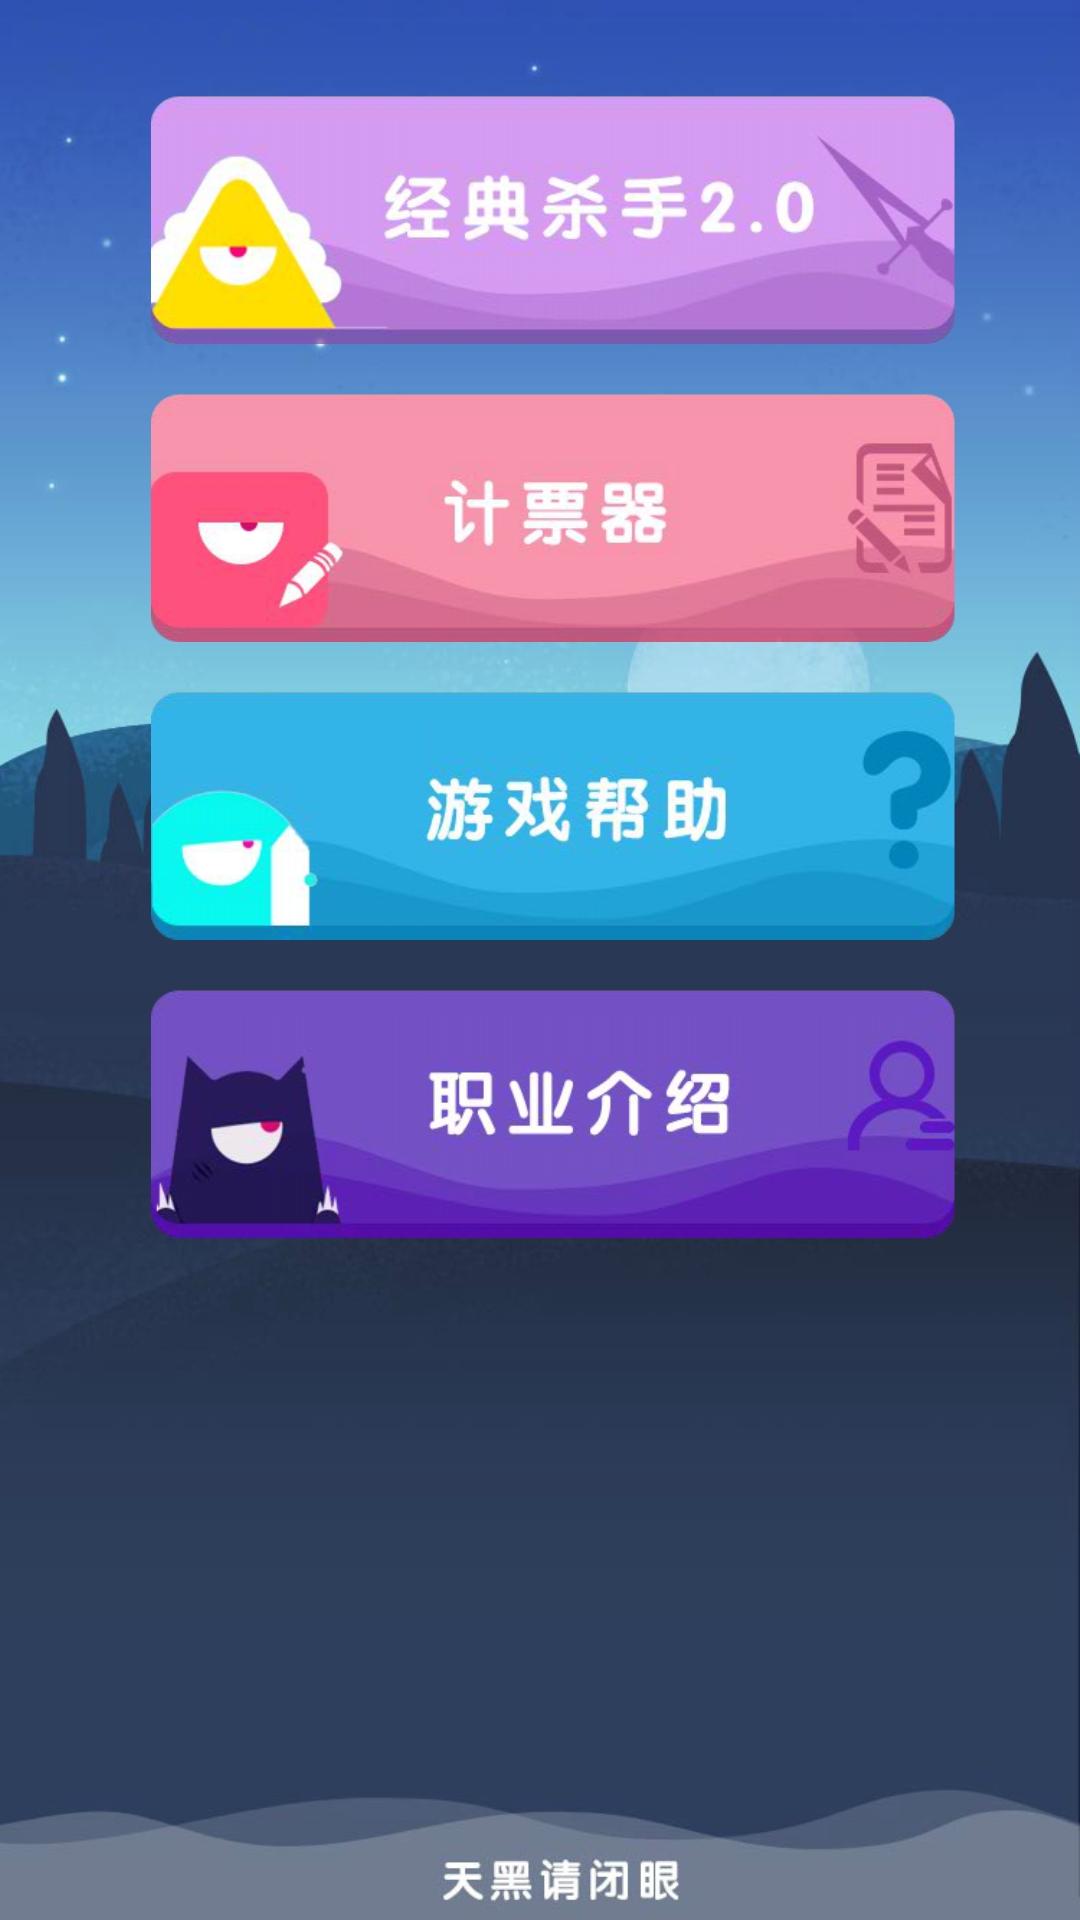 天黑桌游小助手app第1张预览图